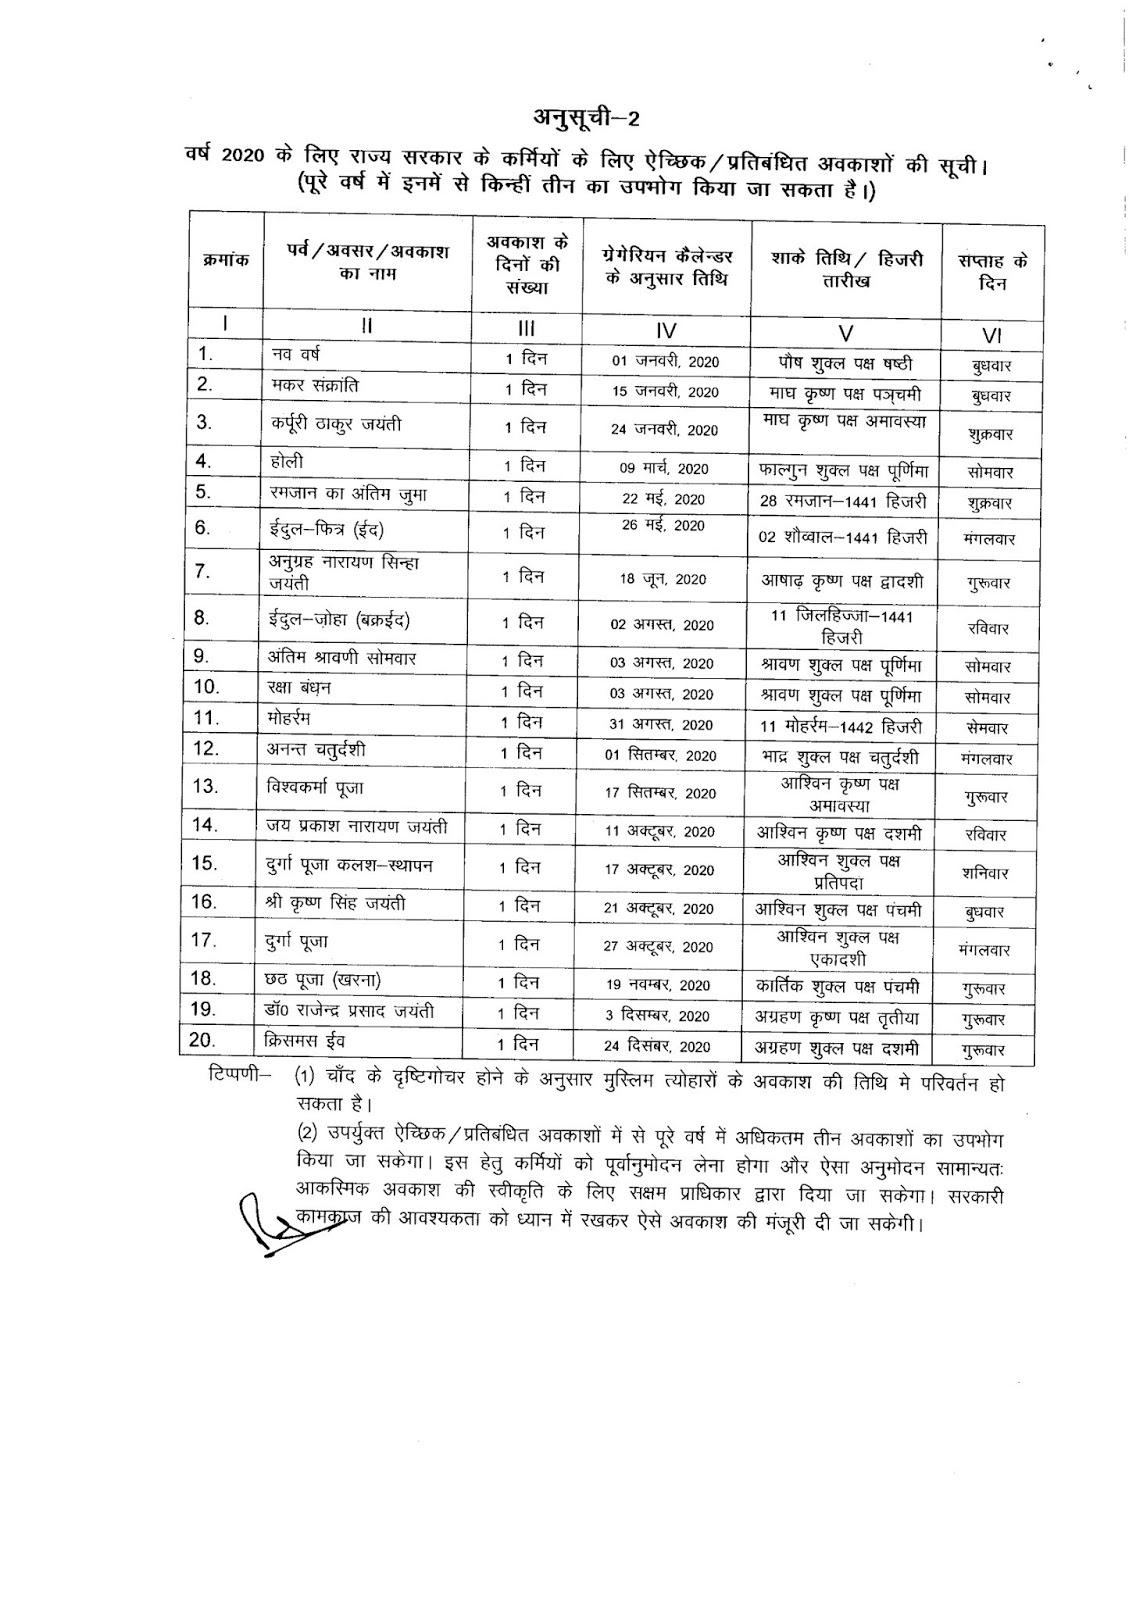 Bihar Government Calendar 2020 #educratsweb in Bihar Sarkar Calender 2020